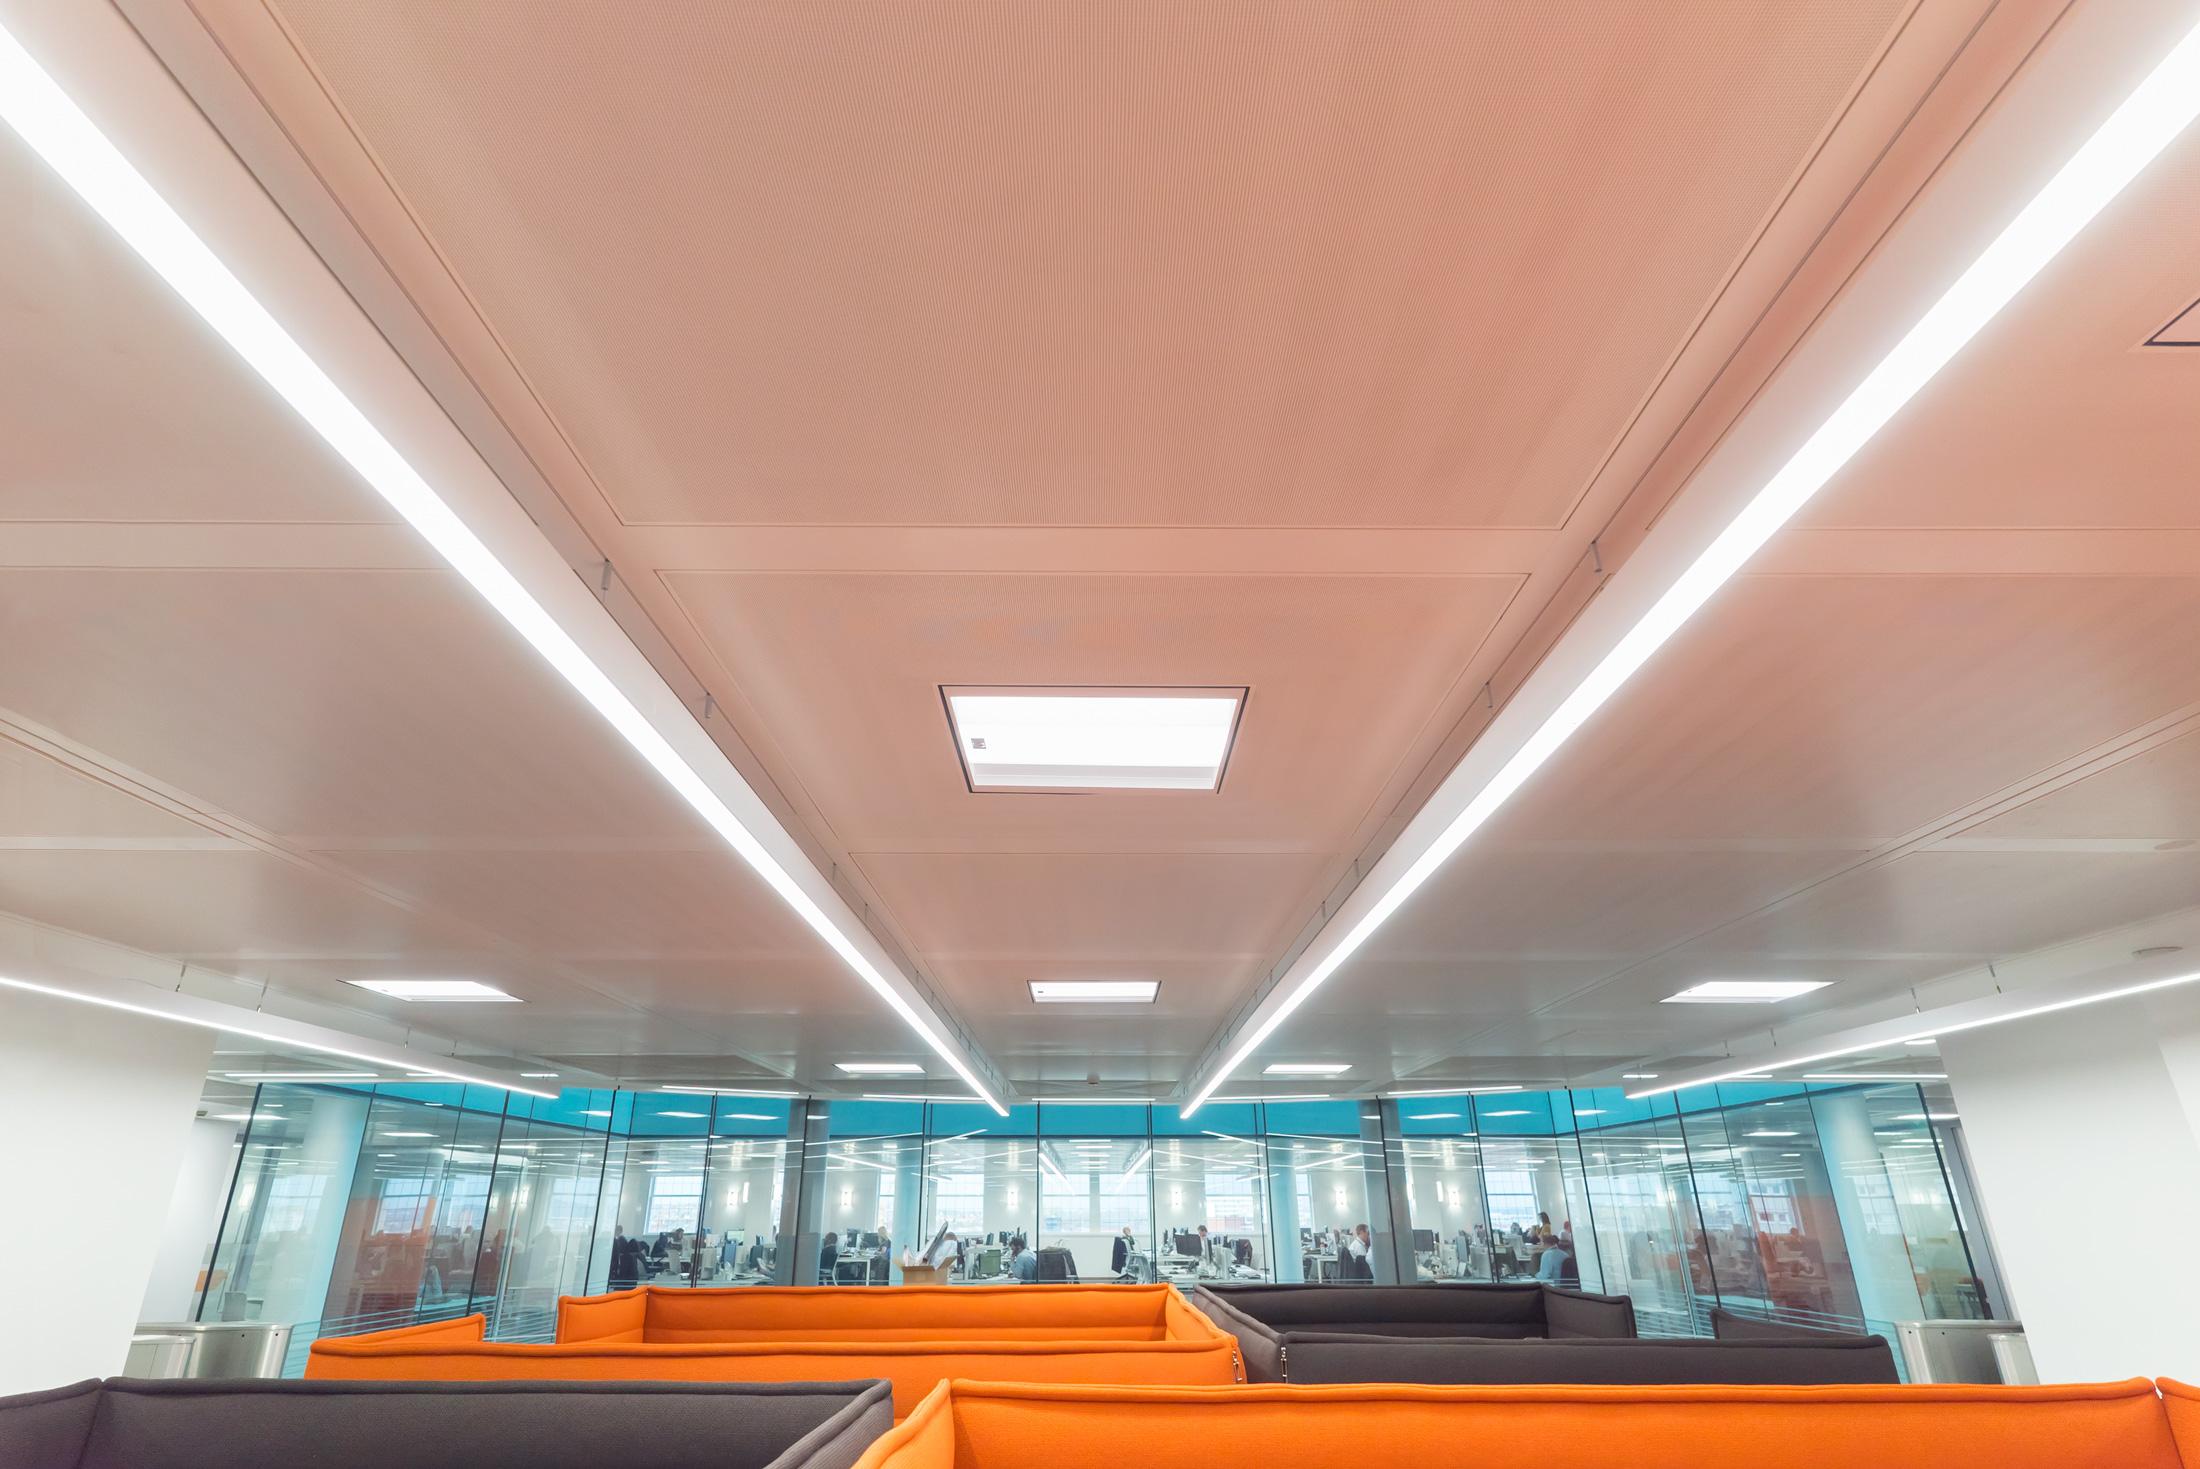 baskerville-ceiling